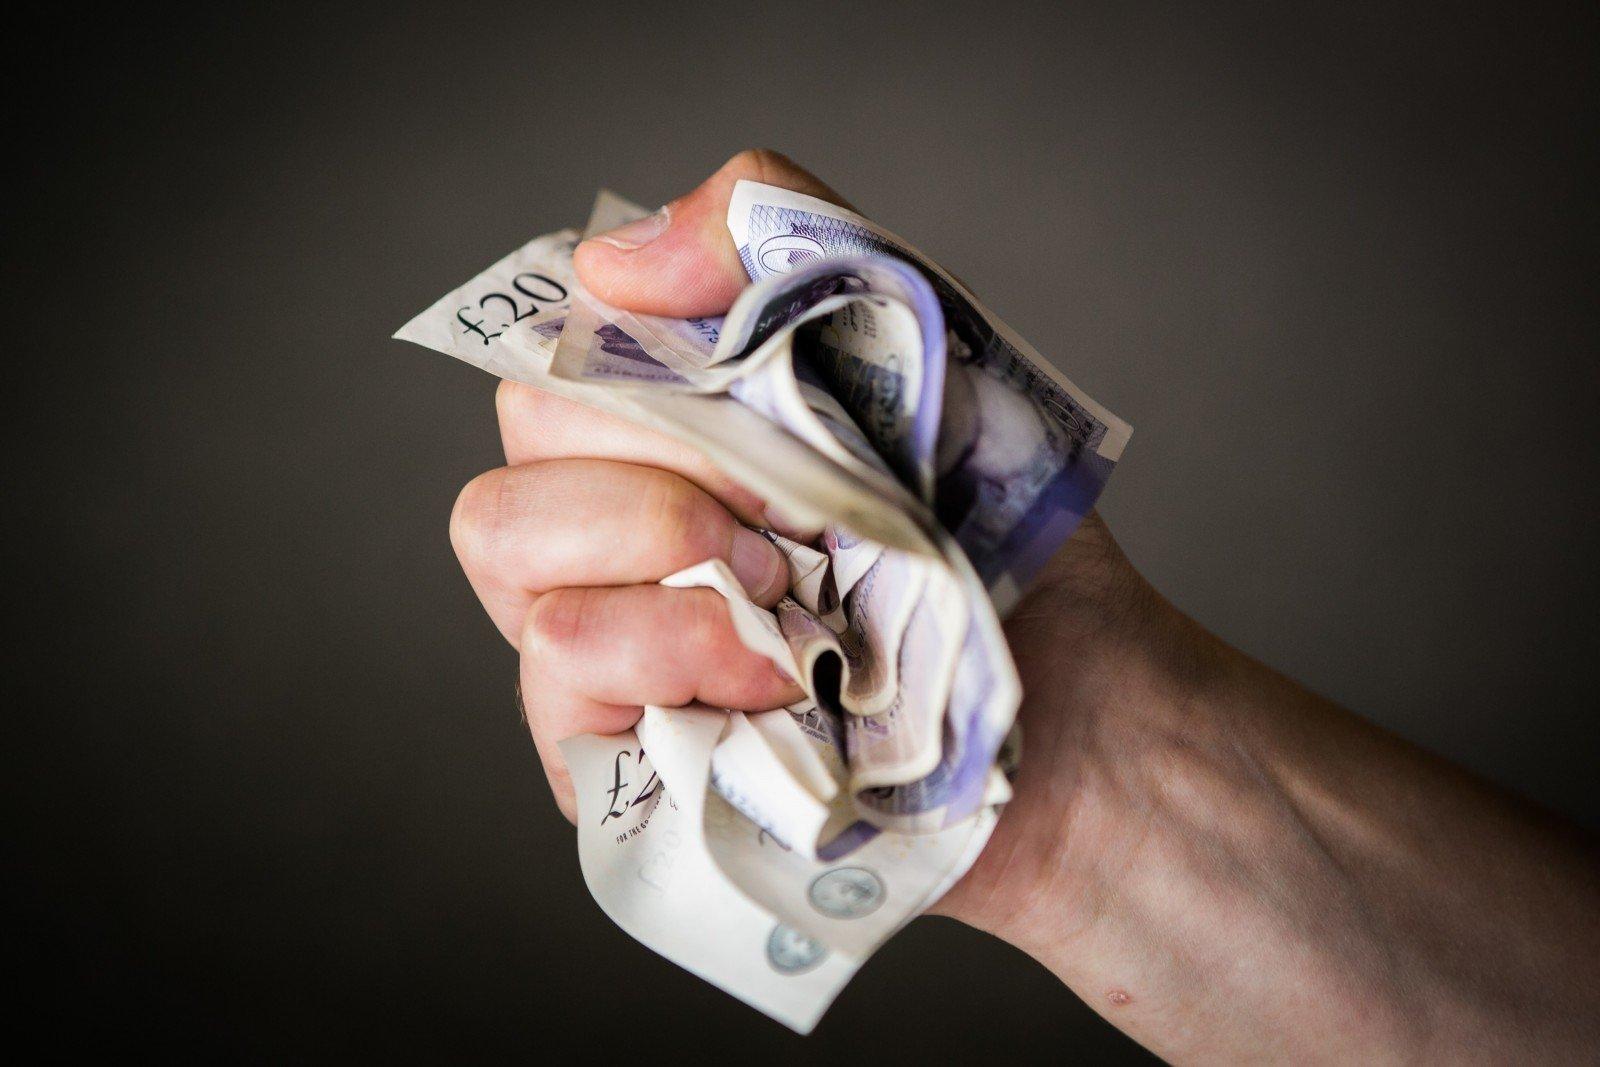 iš ko dabar galite užsidirbti pinigų